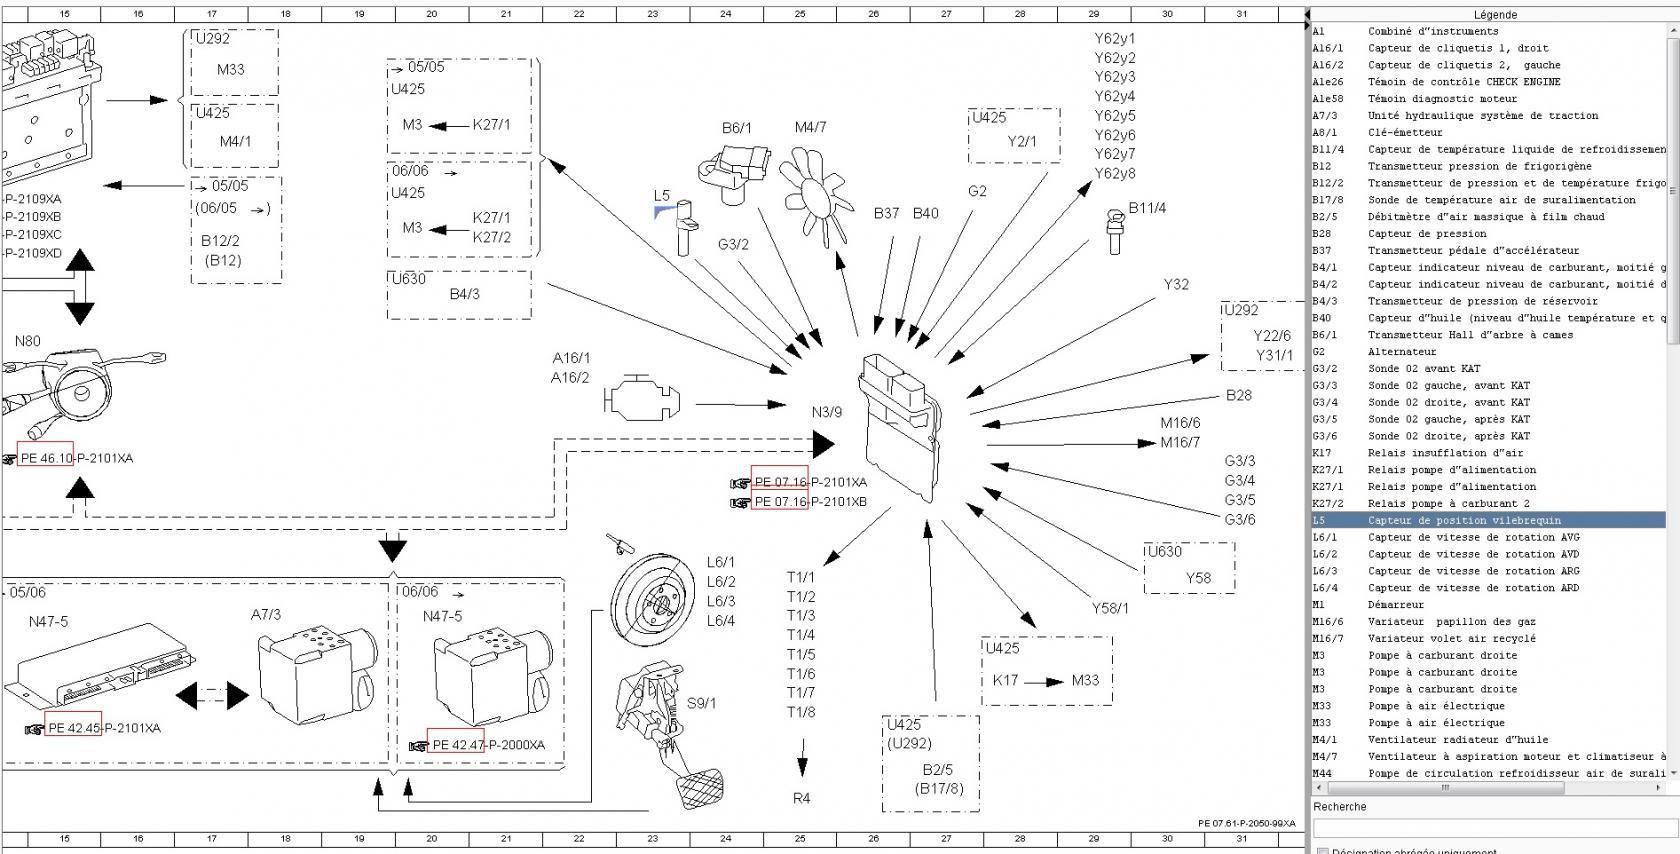 capteur-villebrequin-2-WDD21937551A039555.jpeg